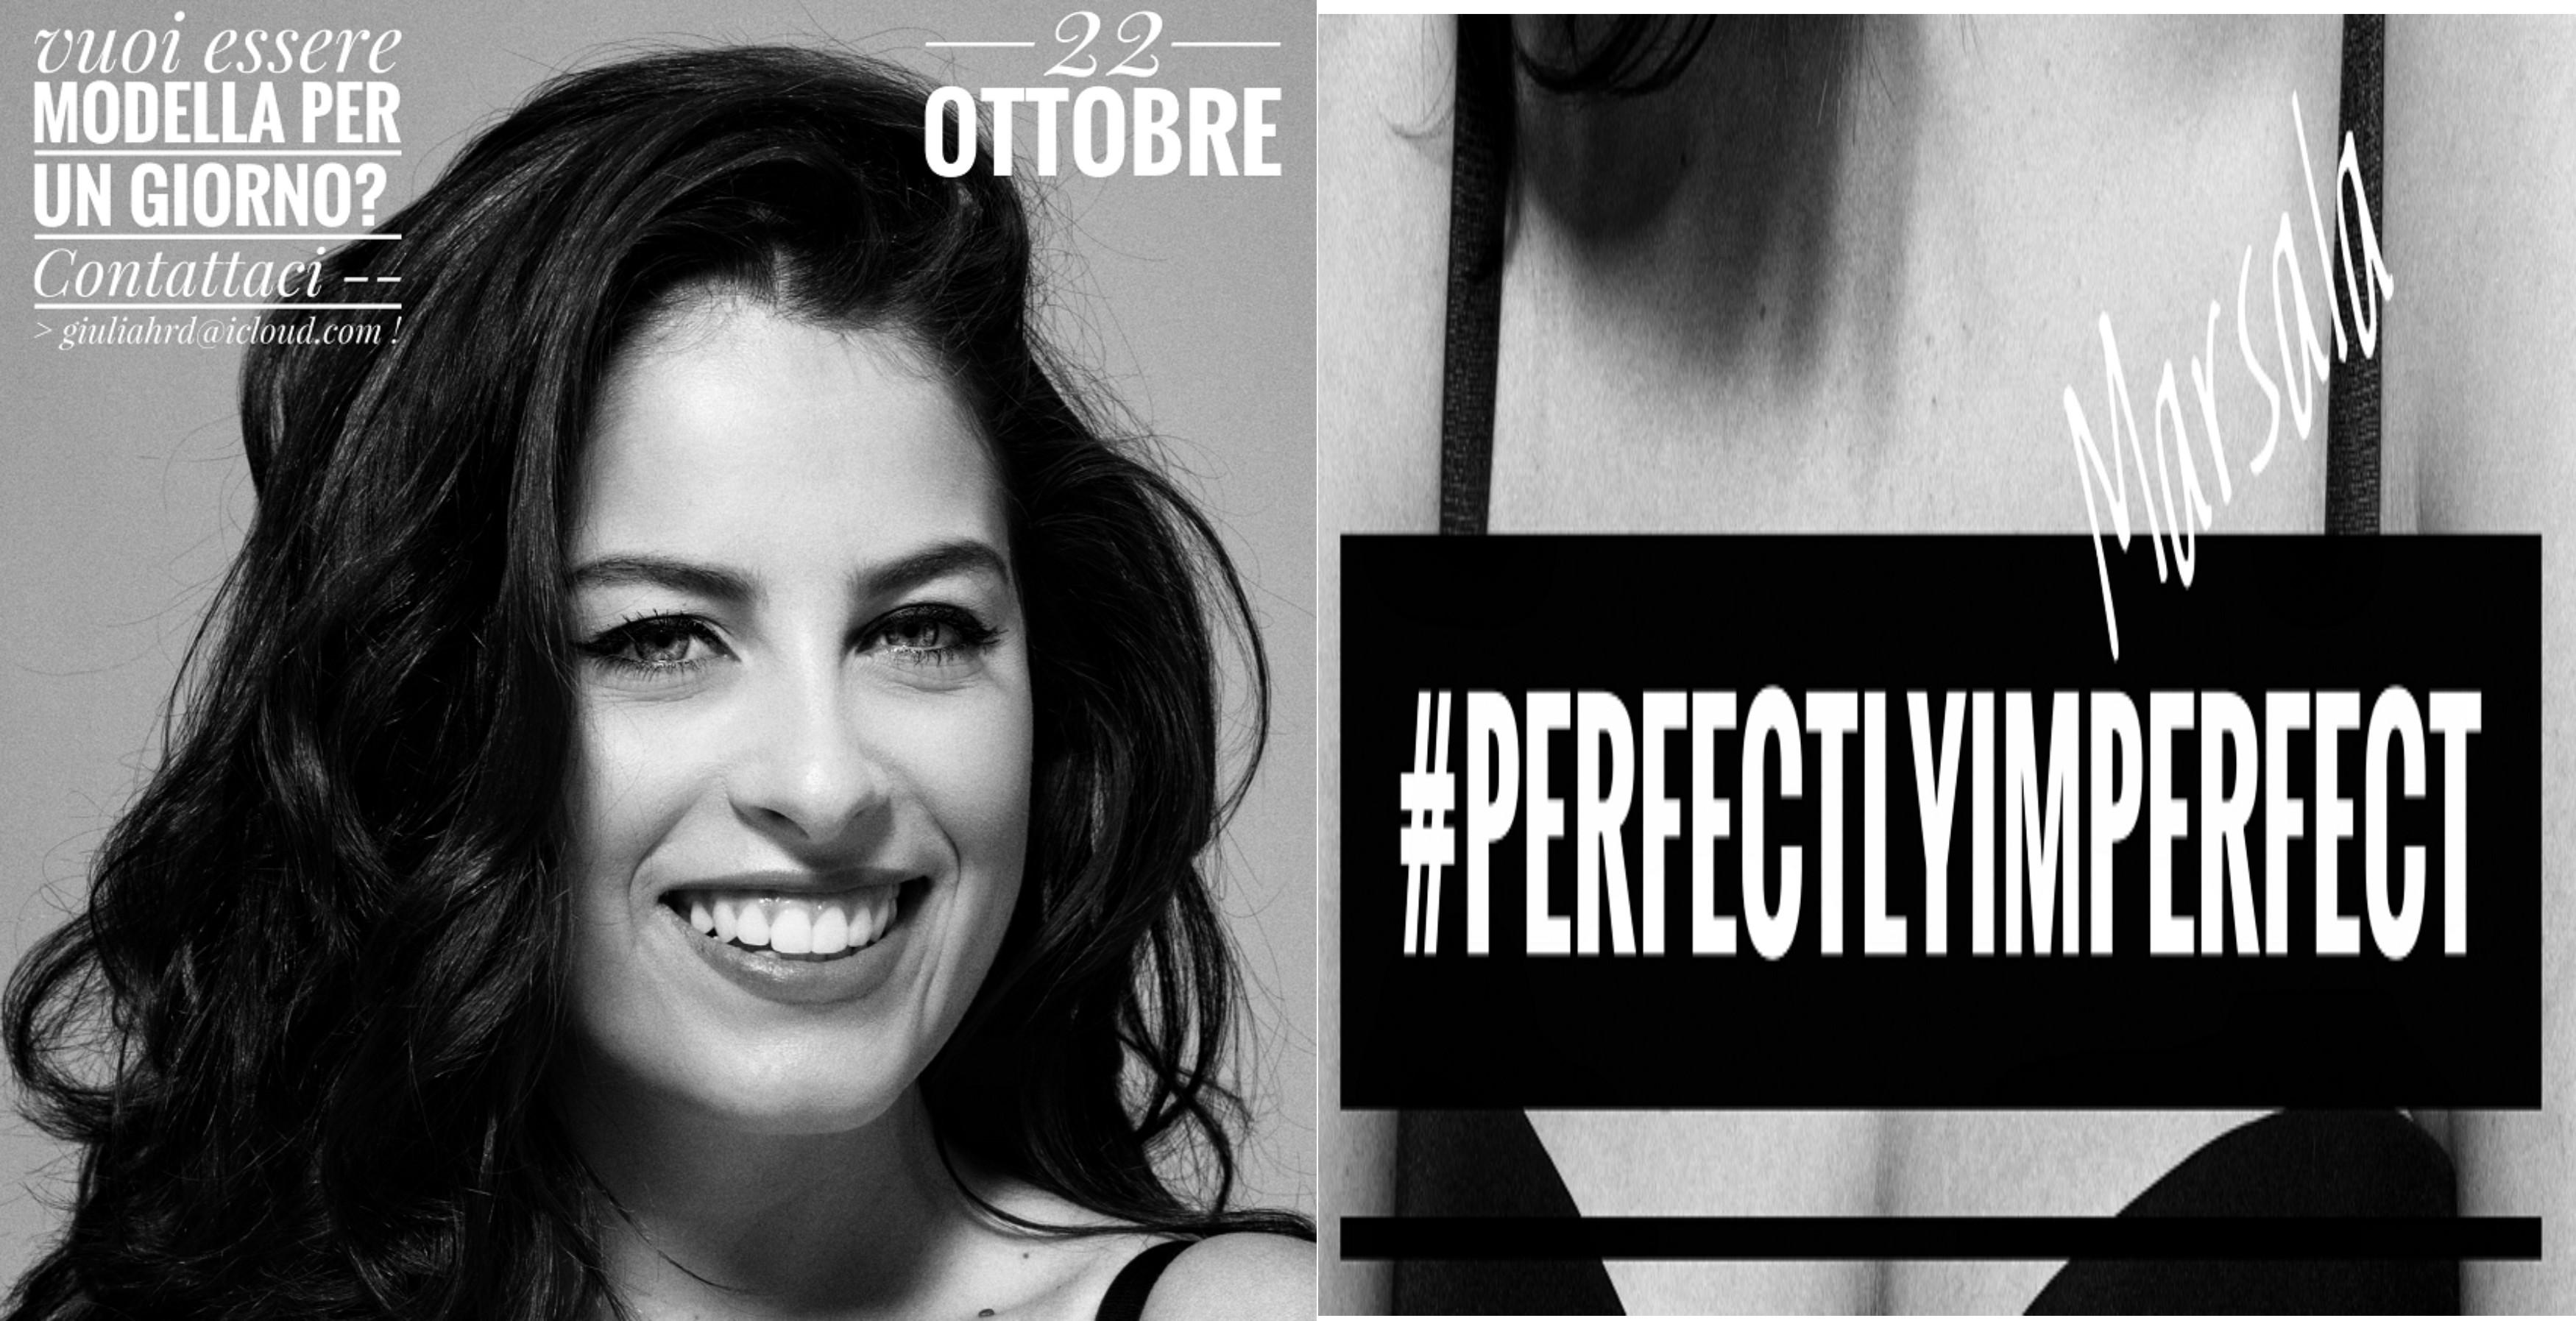 Vuoi essere modella per un giorno? partecipa al #perfectlyimperfect